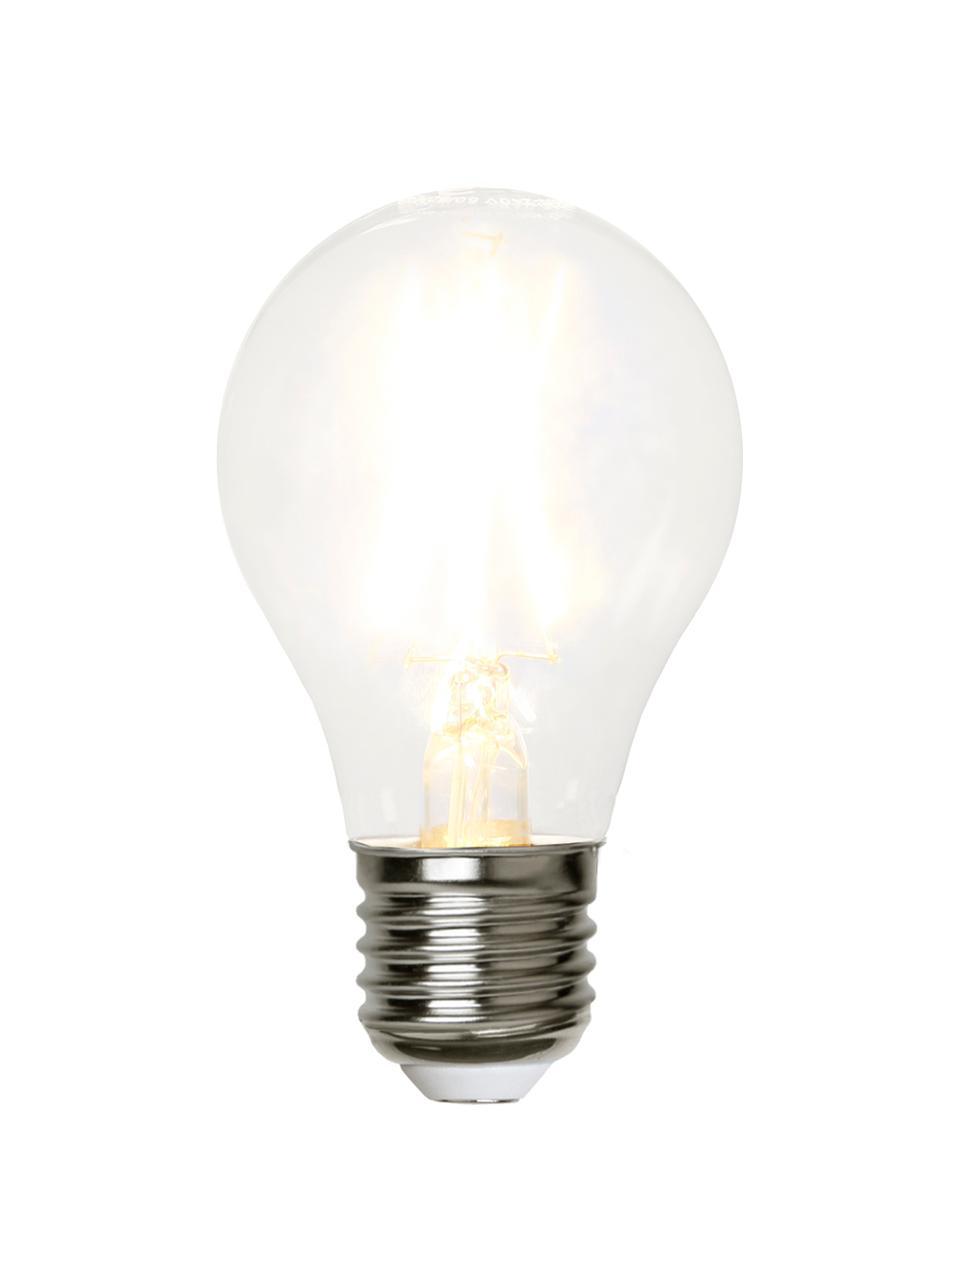 E27 Leuchtmittel, 2W, warmweiß, 5 Stück, Leuchtmittelschirm: Glas, Leuchtmittelfassung: Kupfer, vernickelt, Transparent, Nickel, Ø 6 x H 11 cm